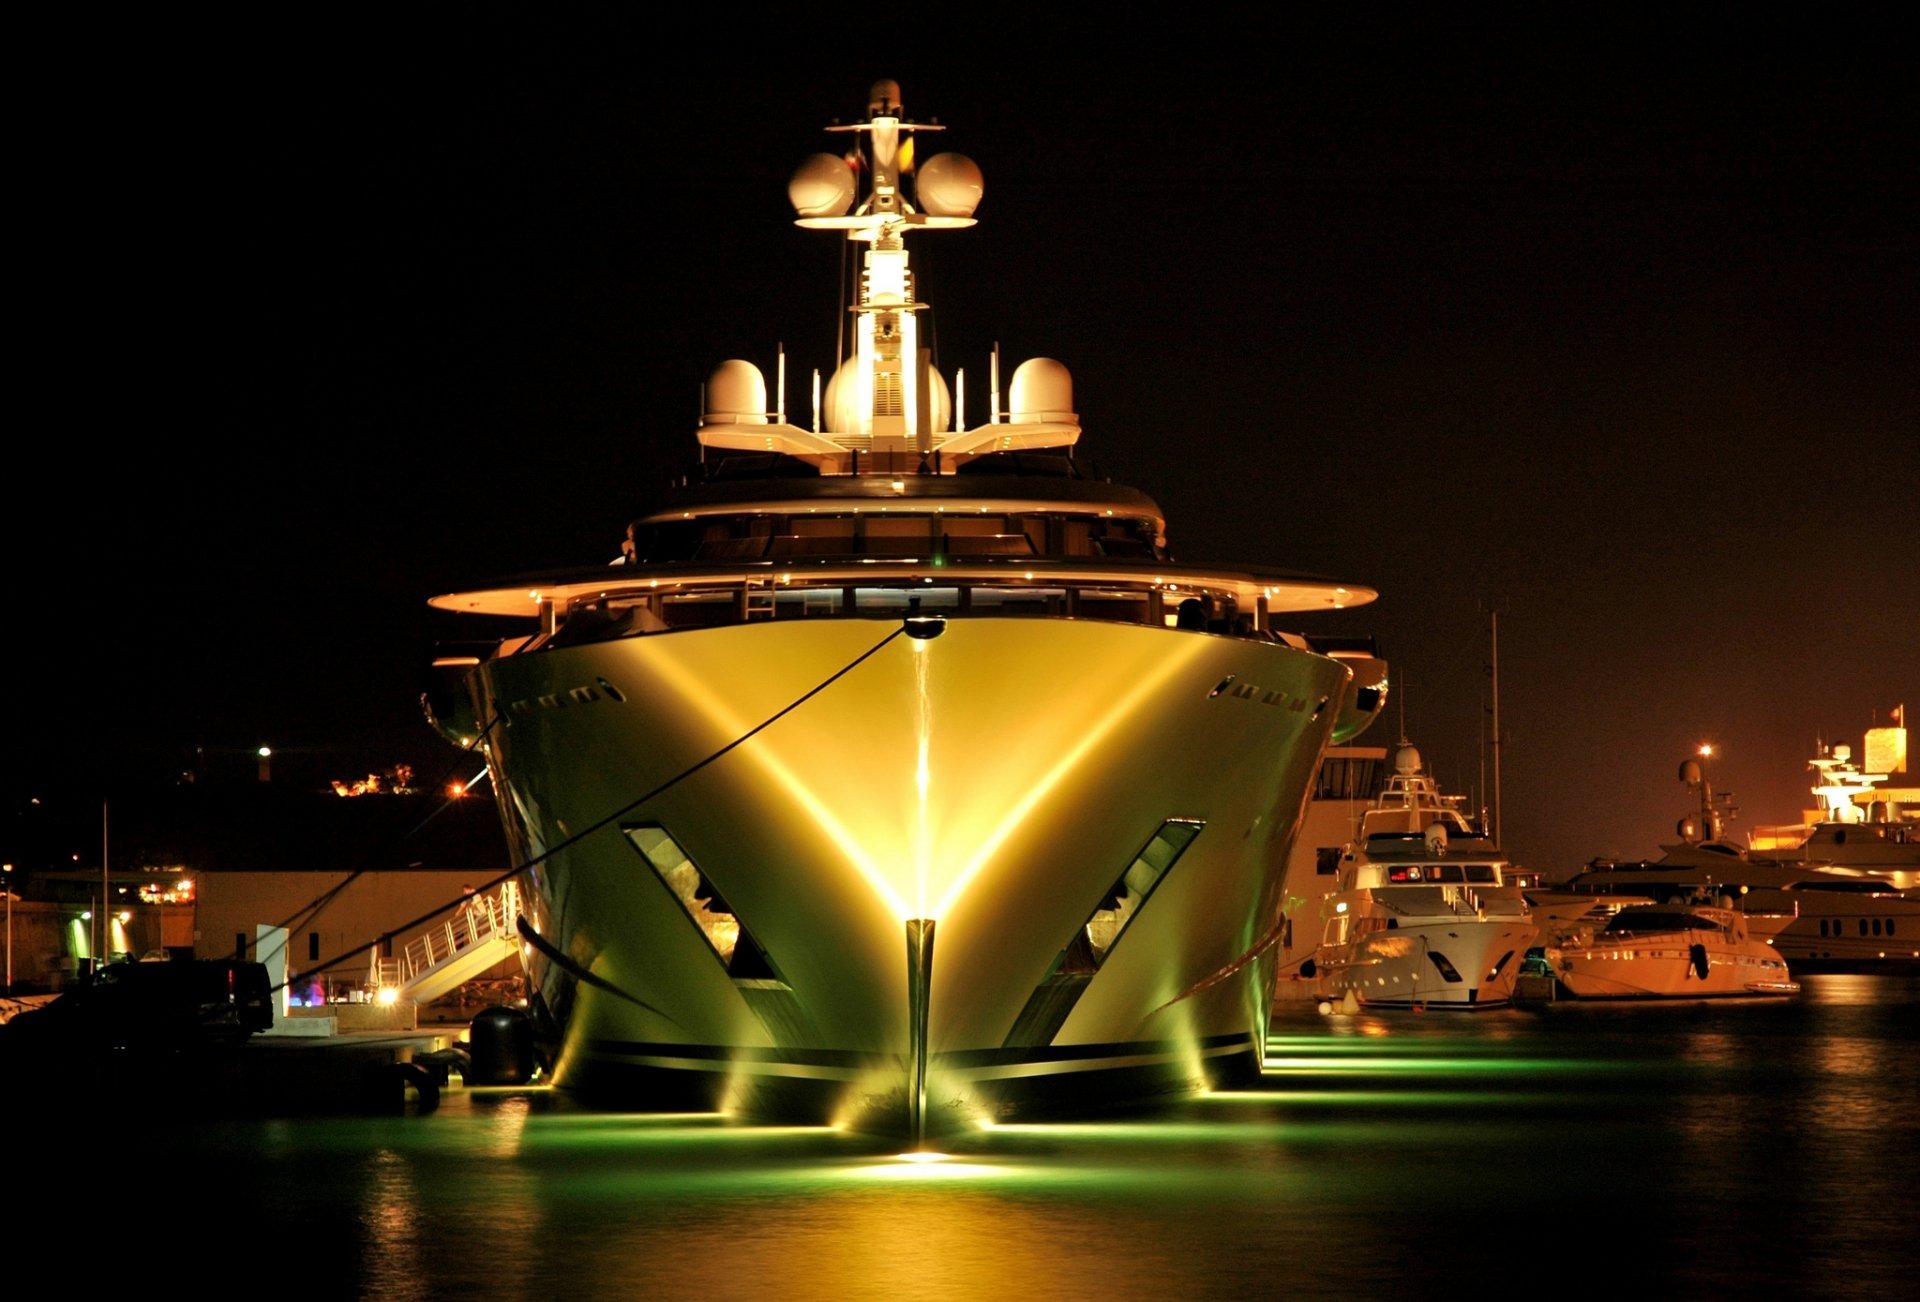 Обои ночь, яхты. Разное foto 12